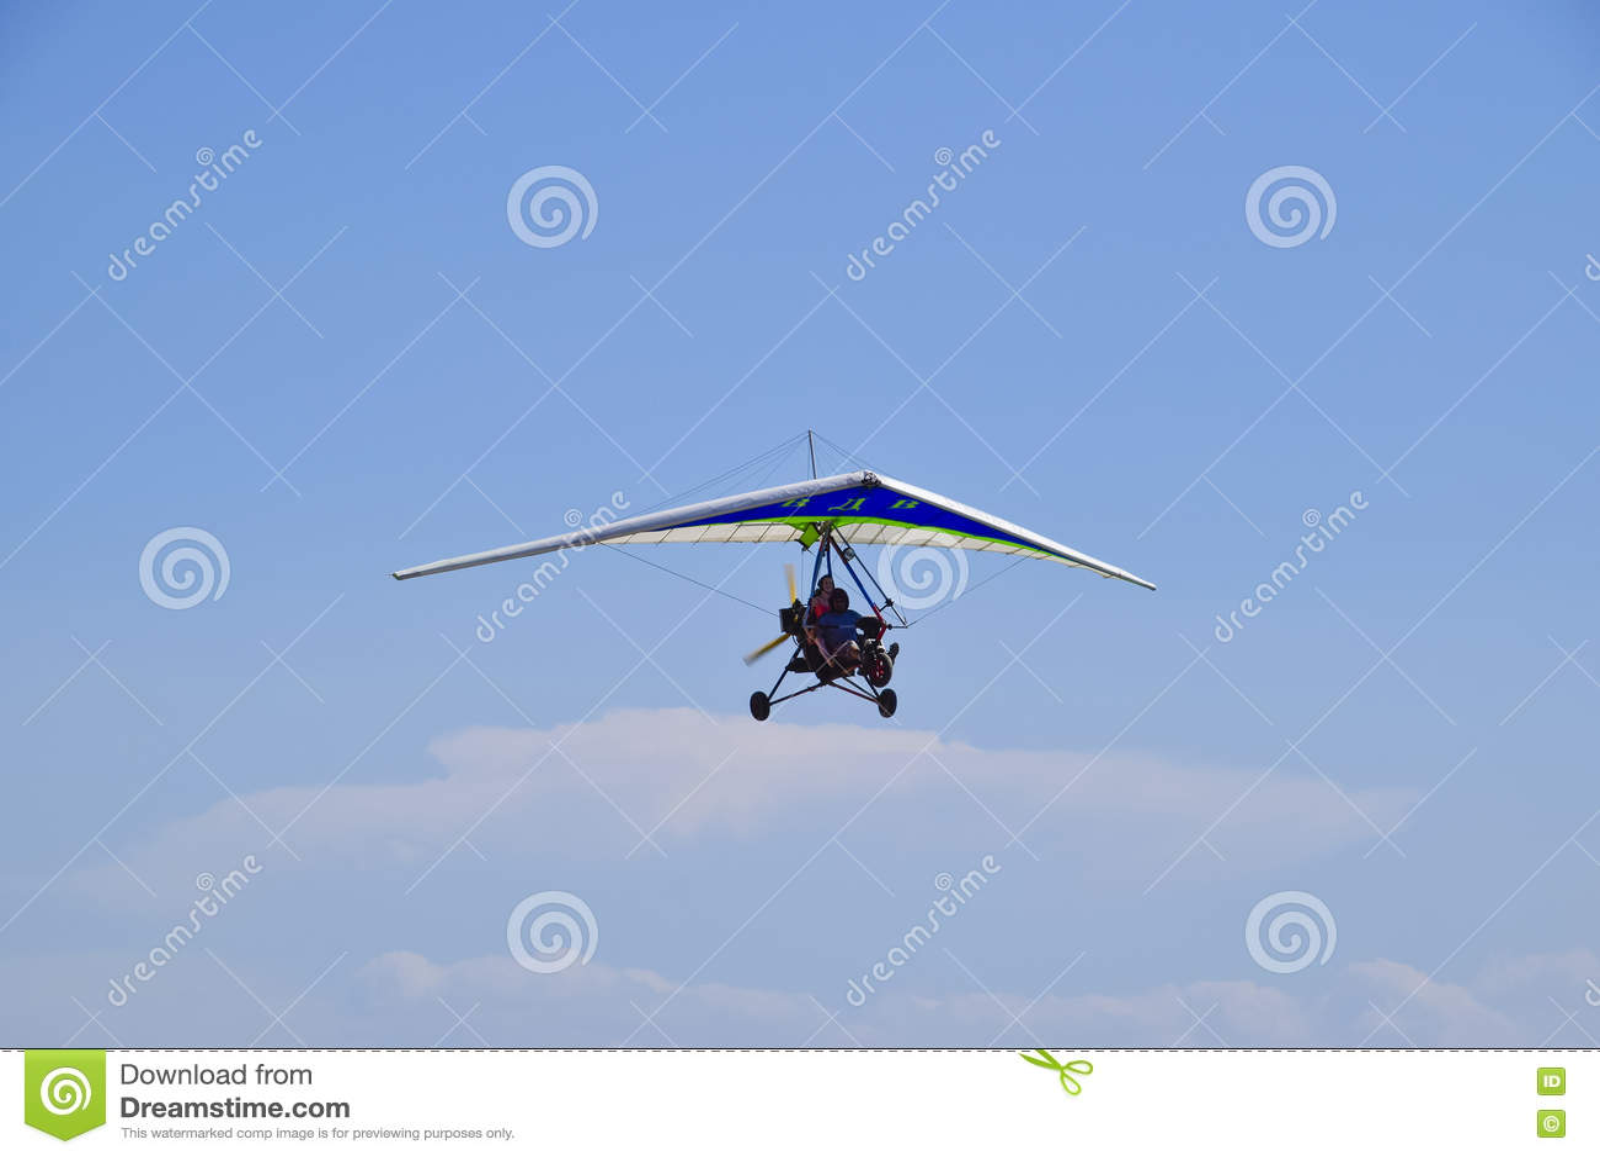 Tricycle, volant dans le ciel avec deux personnes